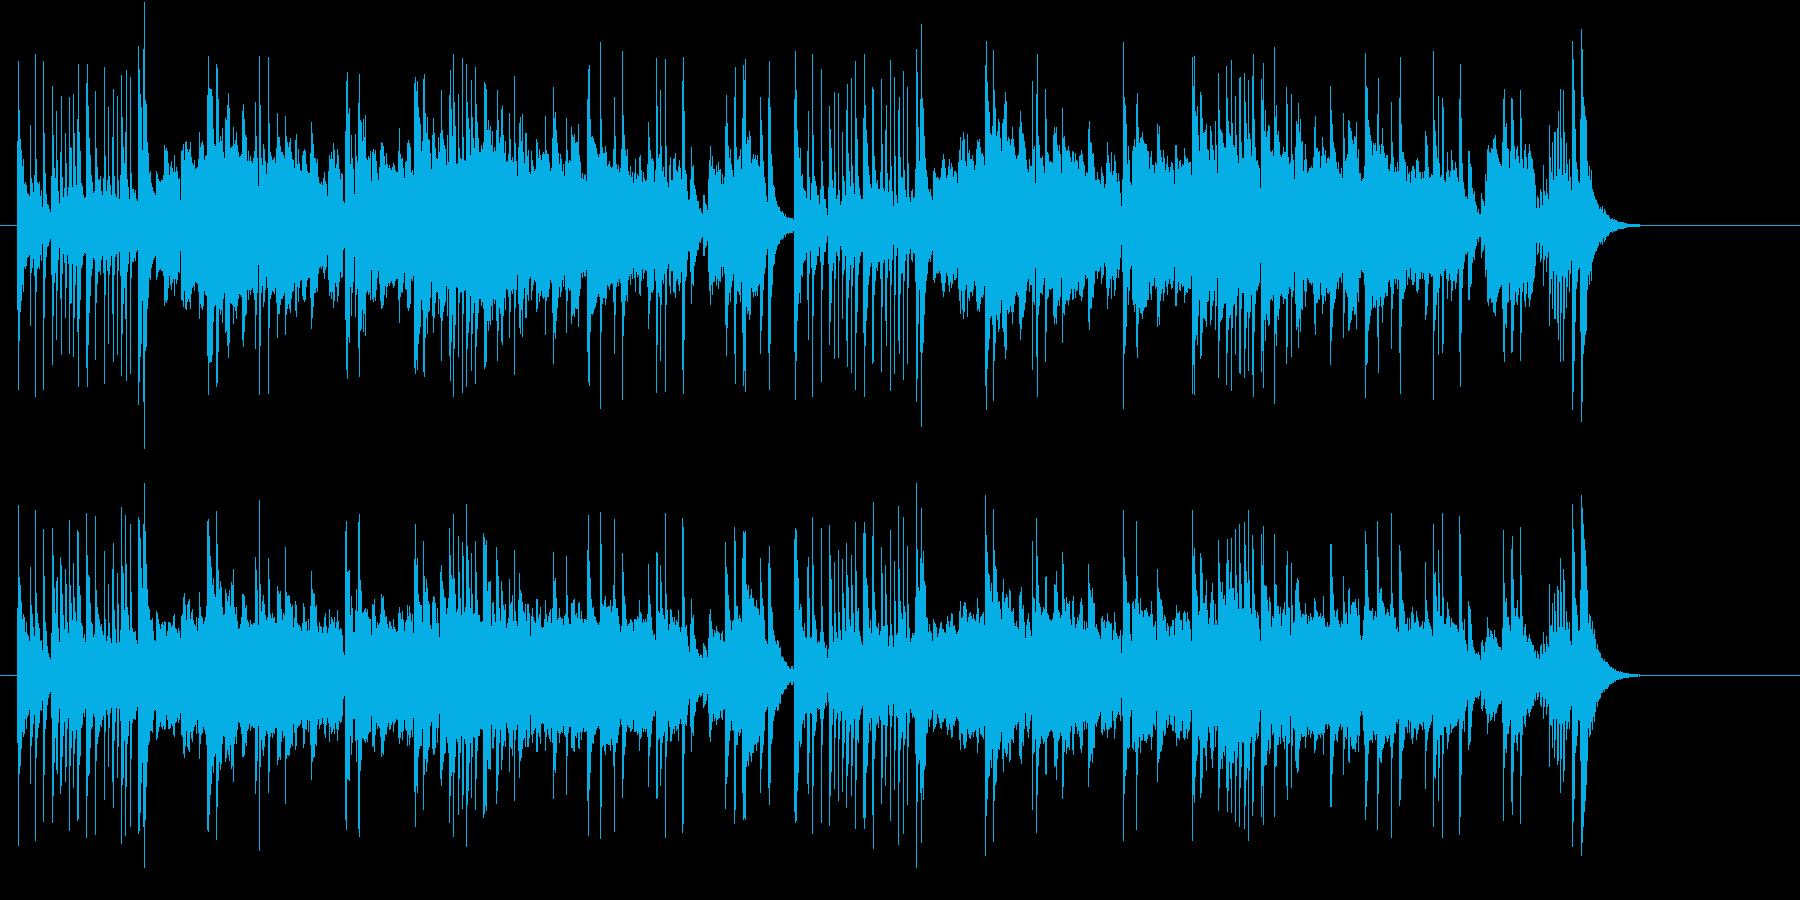 ネオ・チャイナ・ミュージック風の再生済みの波形